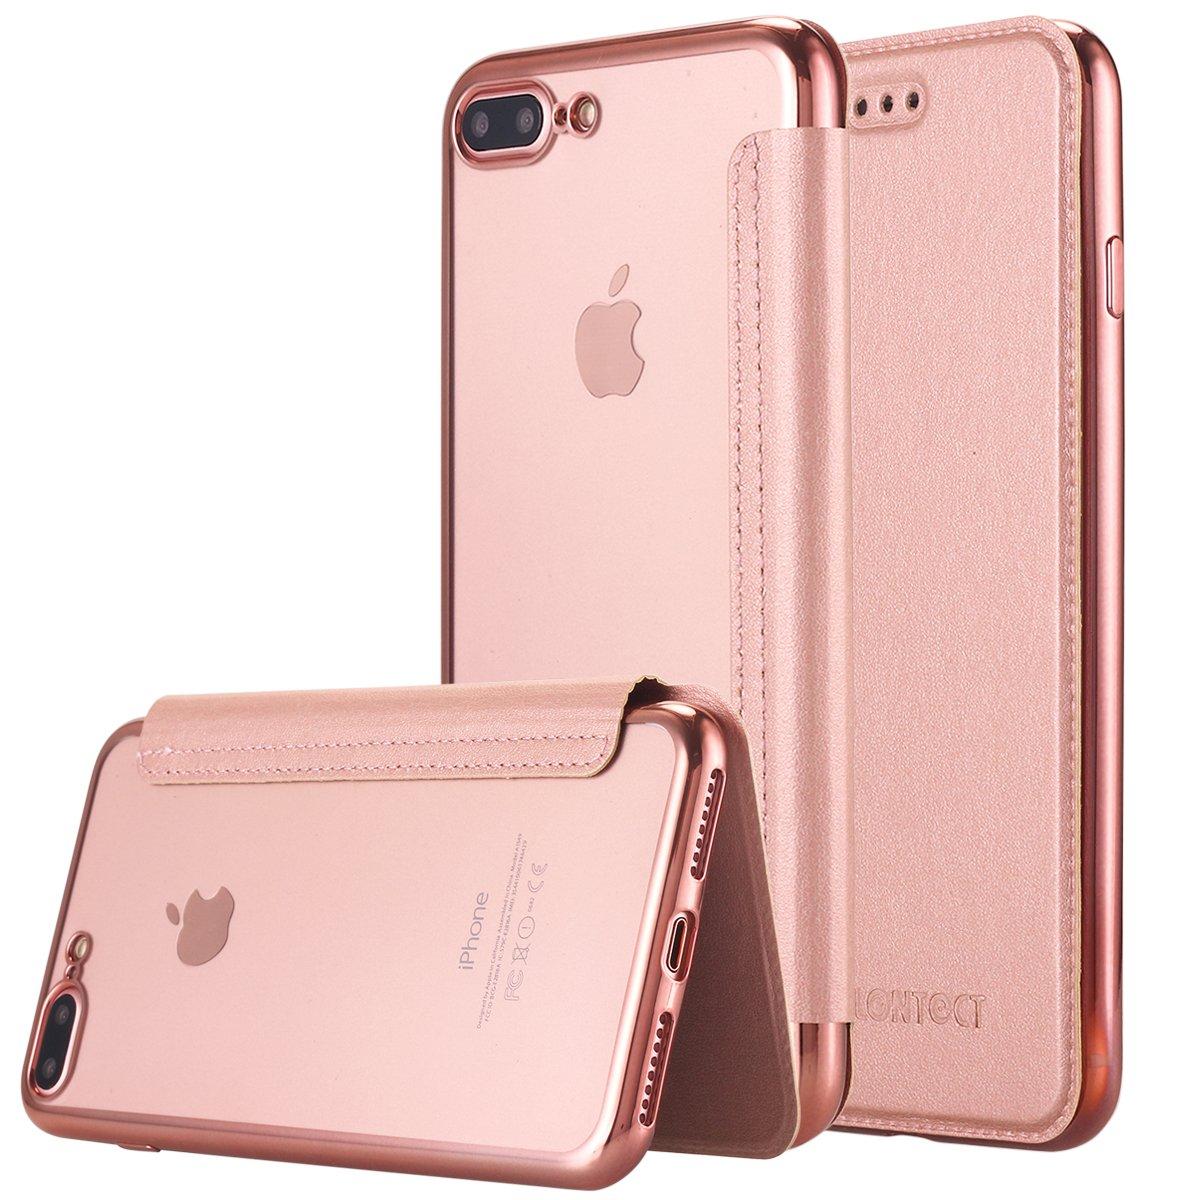 S Flip Phone Iphone  Case